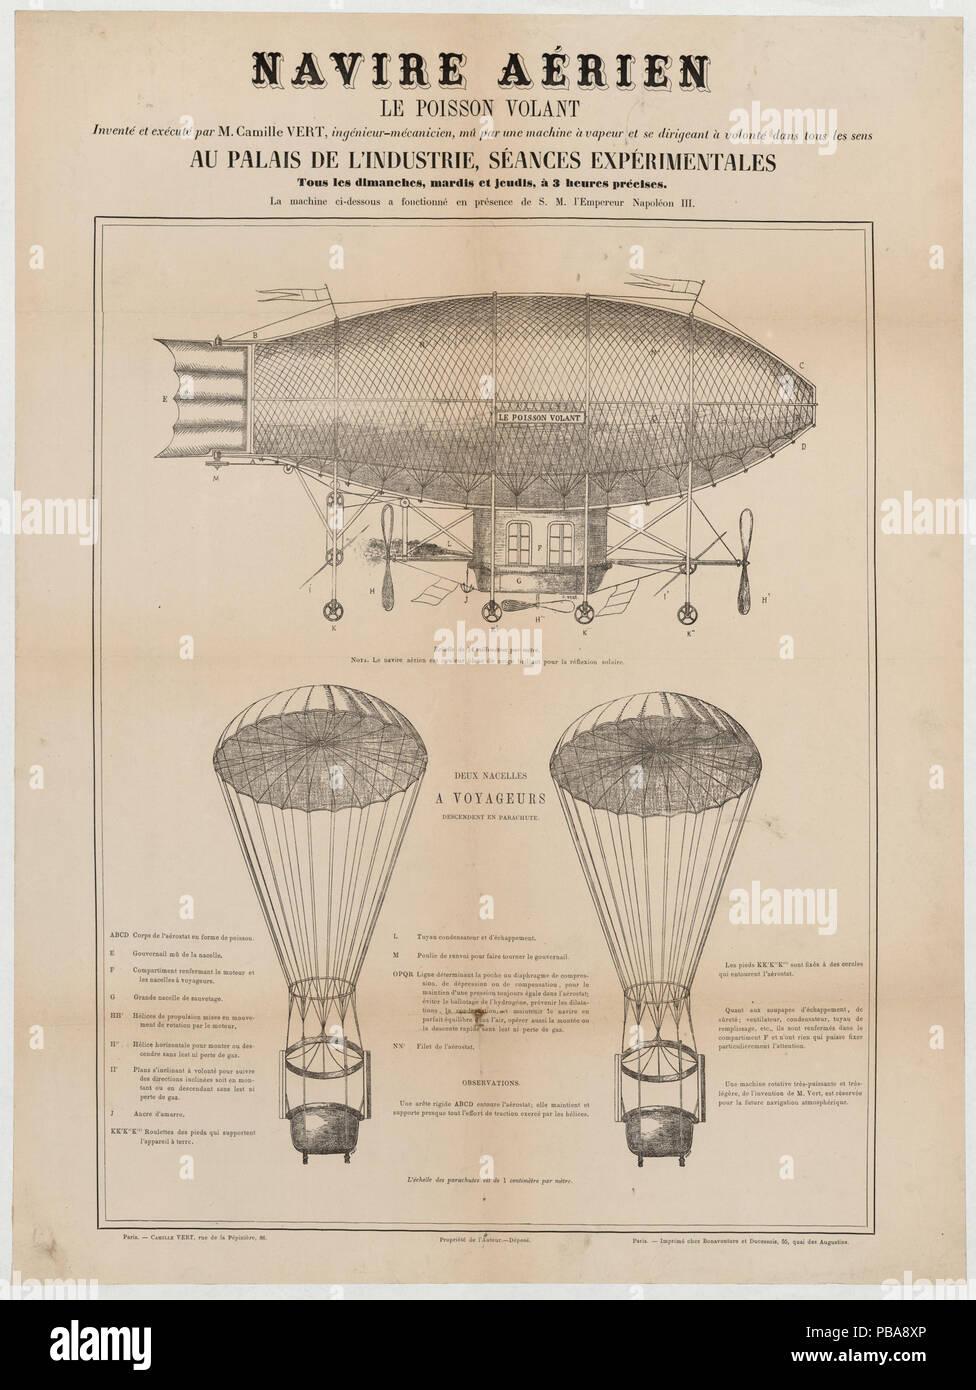 1084 Navire aérien, le poisson volant, inventé et exécuté par M. Camille Vert, ingénieur-mécanicien LCCN2002736612 - Stock Image